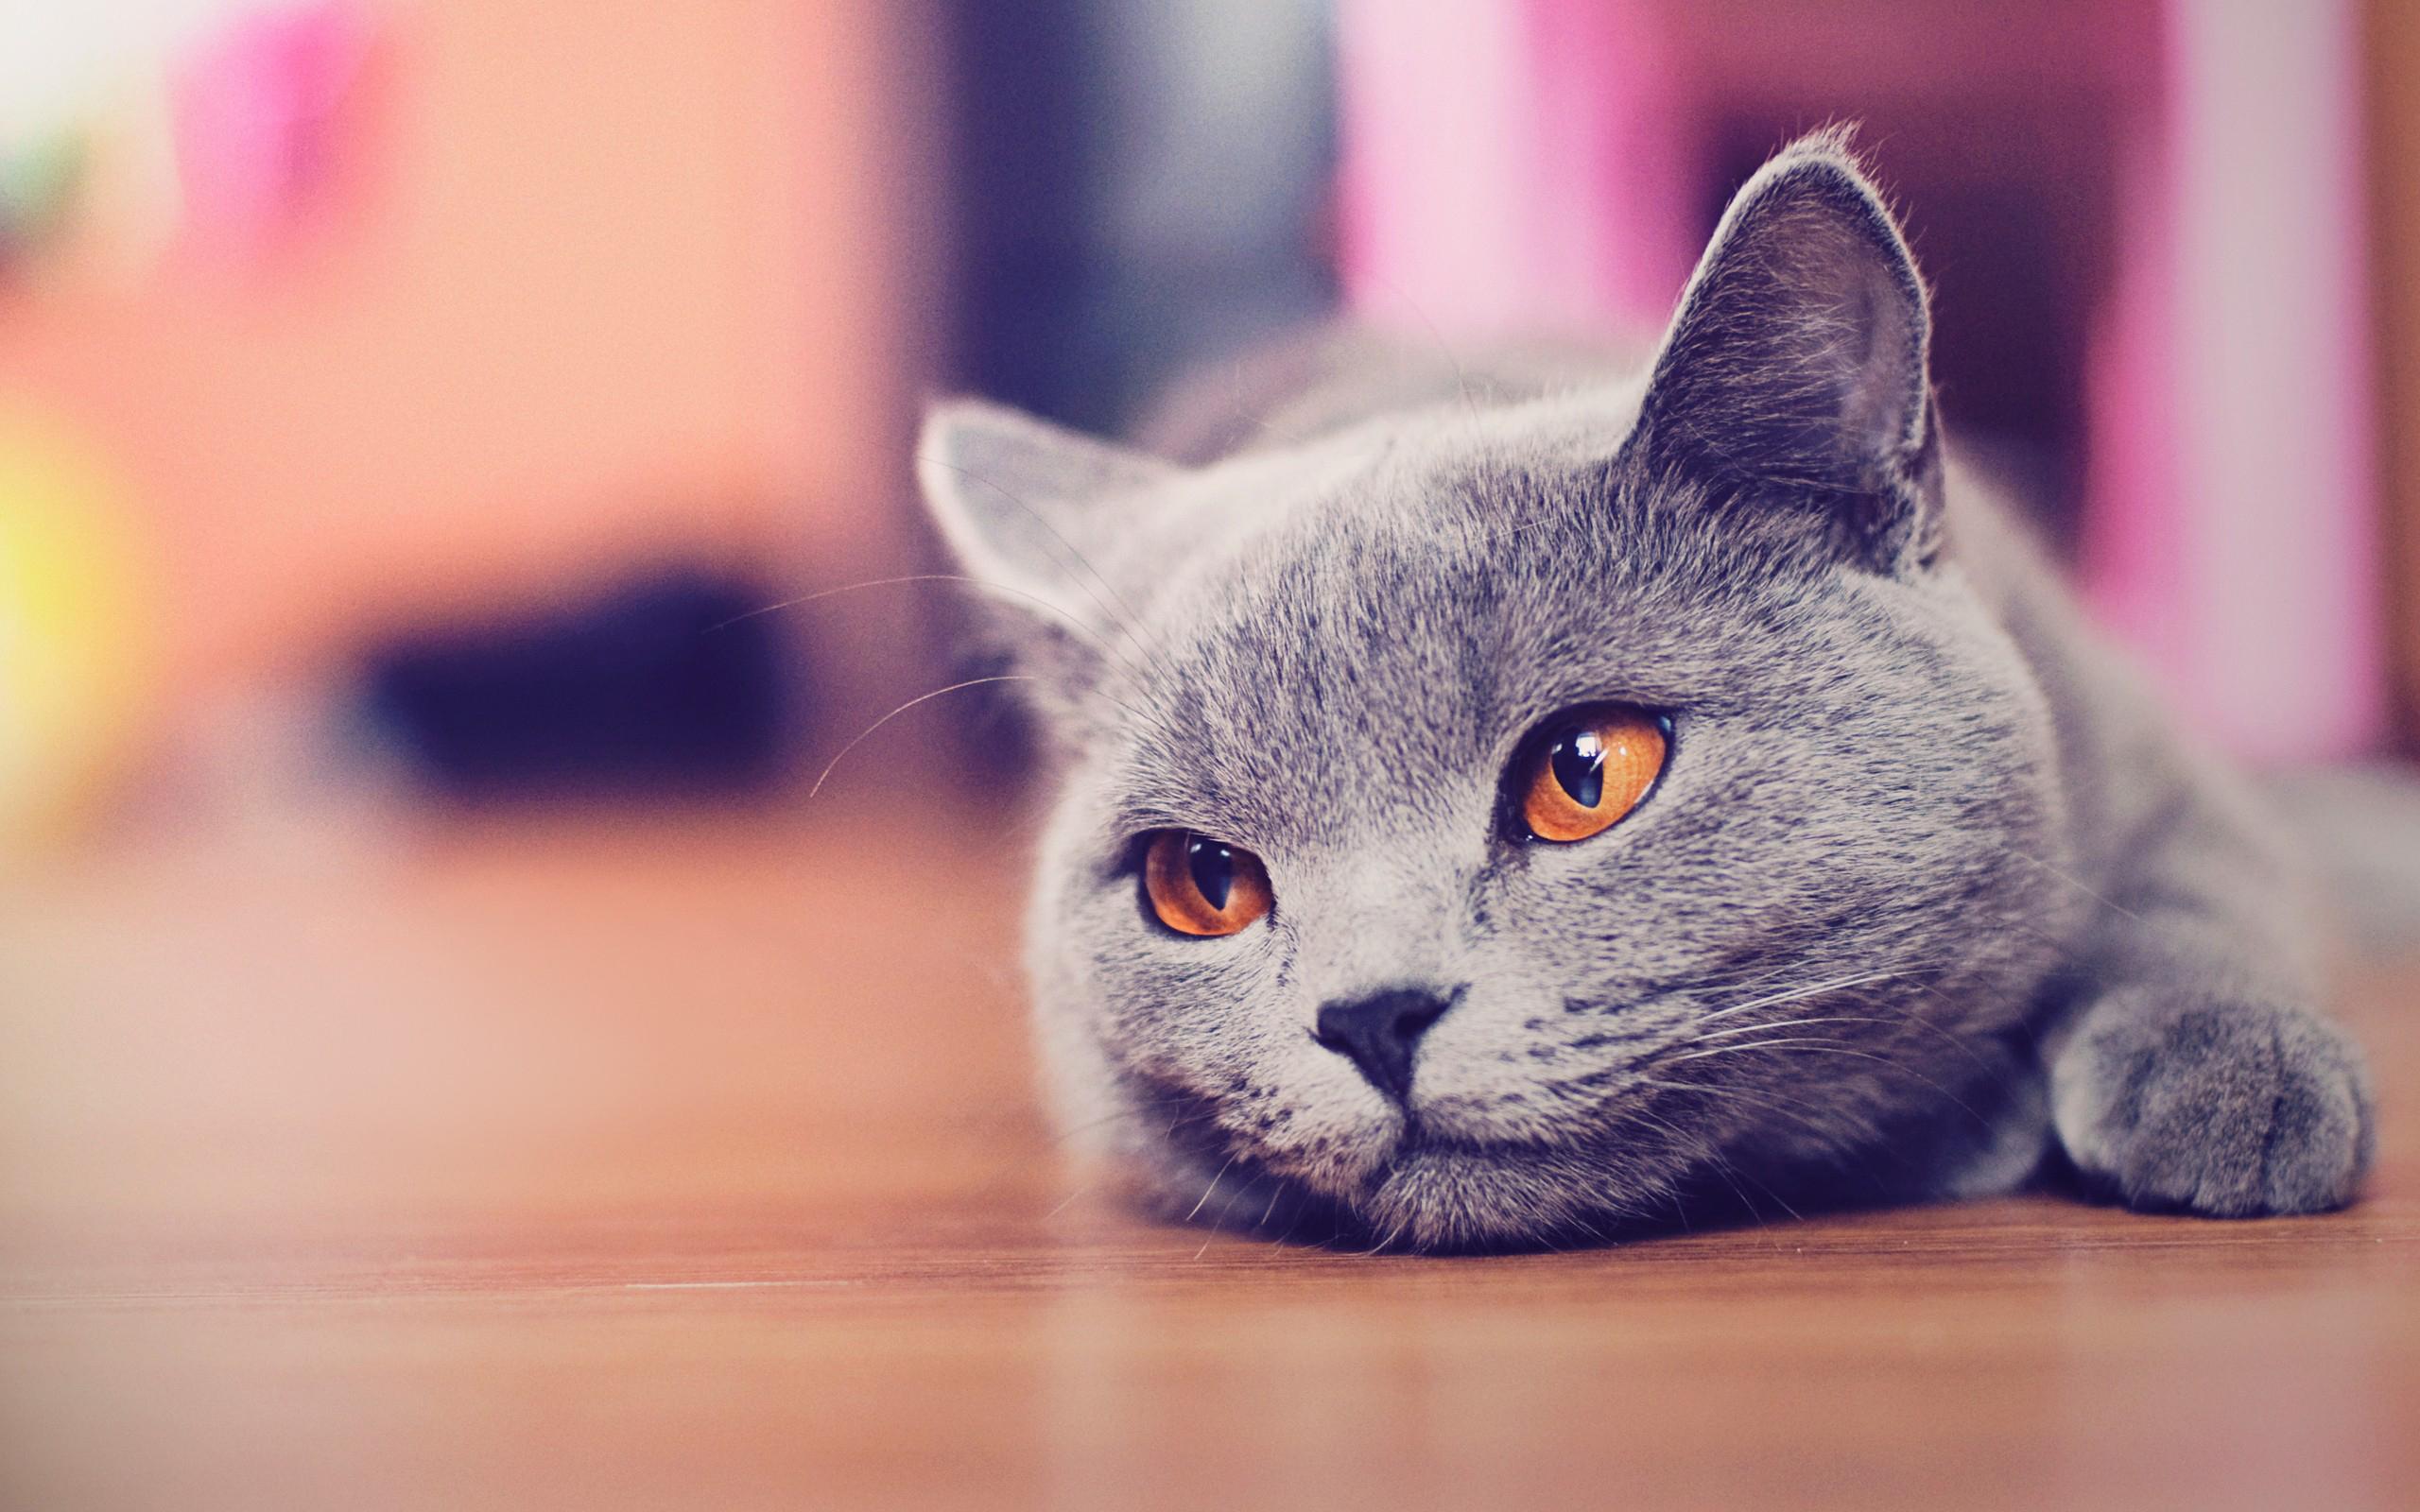 cat-high-resolution-wallpaper